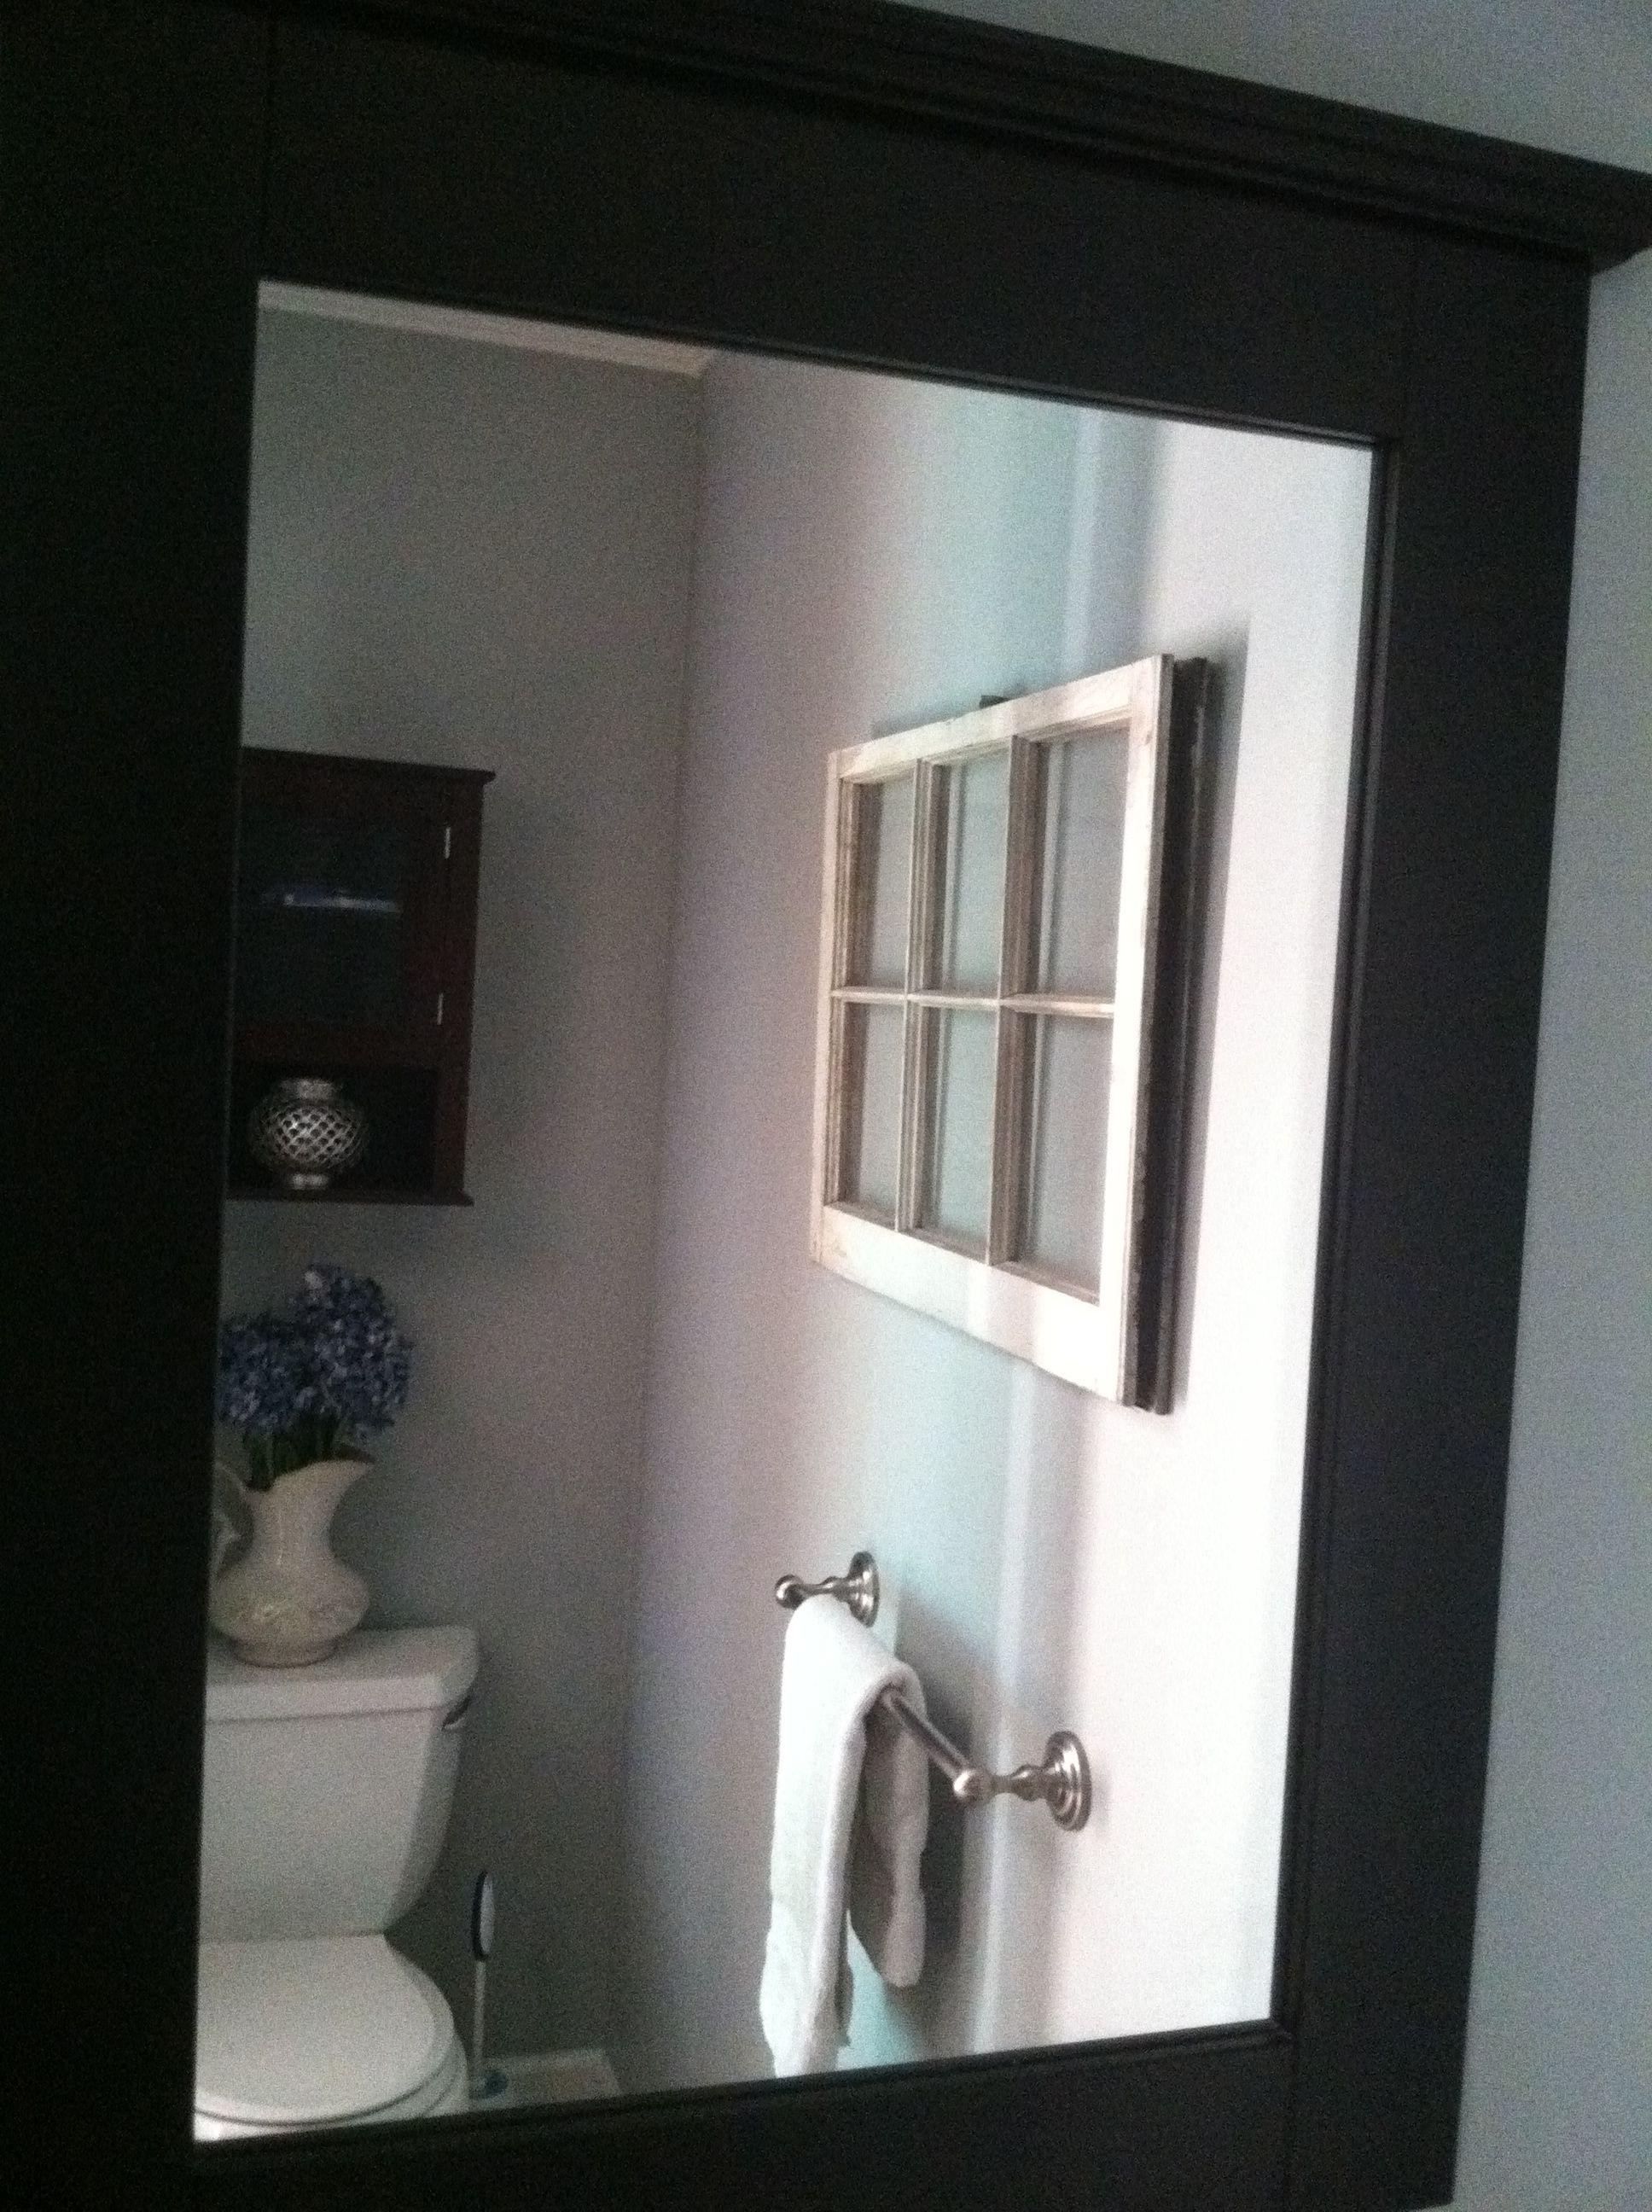 Marshalls Bathroom Accessories Toilet Paper Holders Bathroom